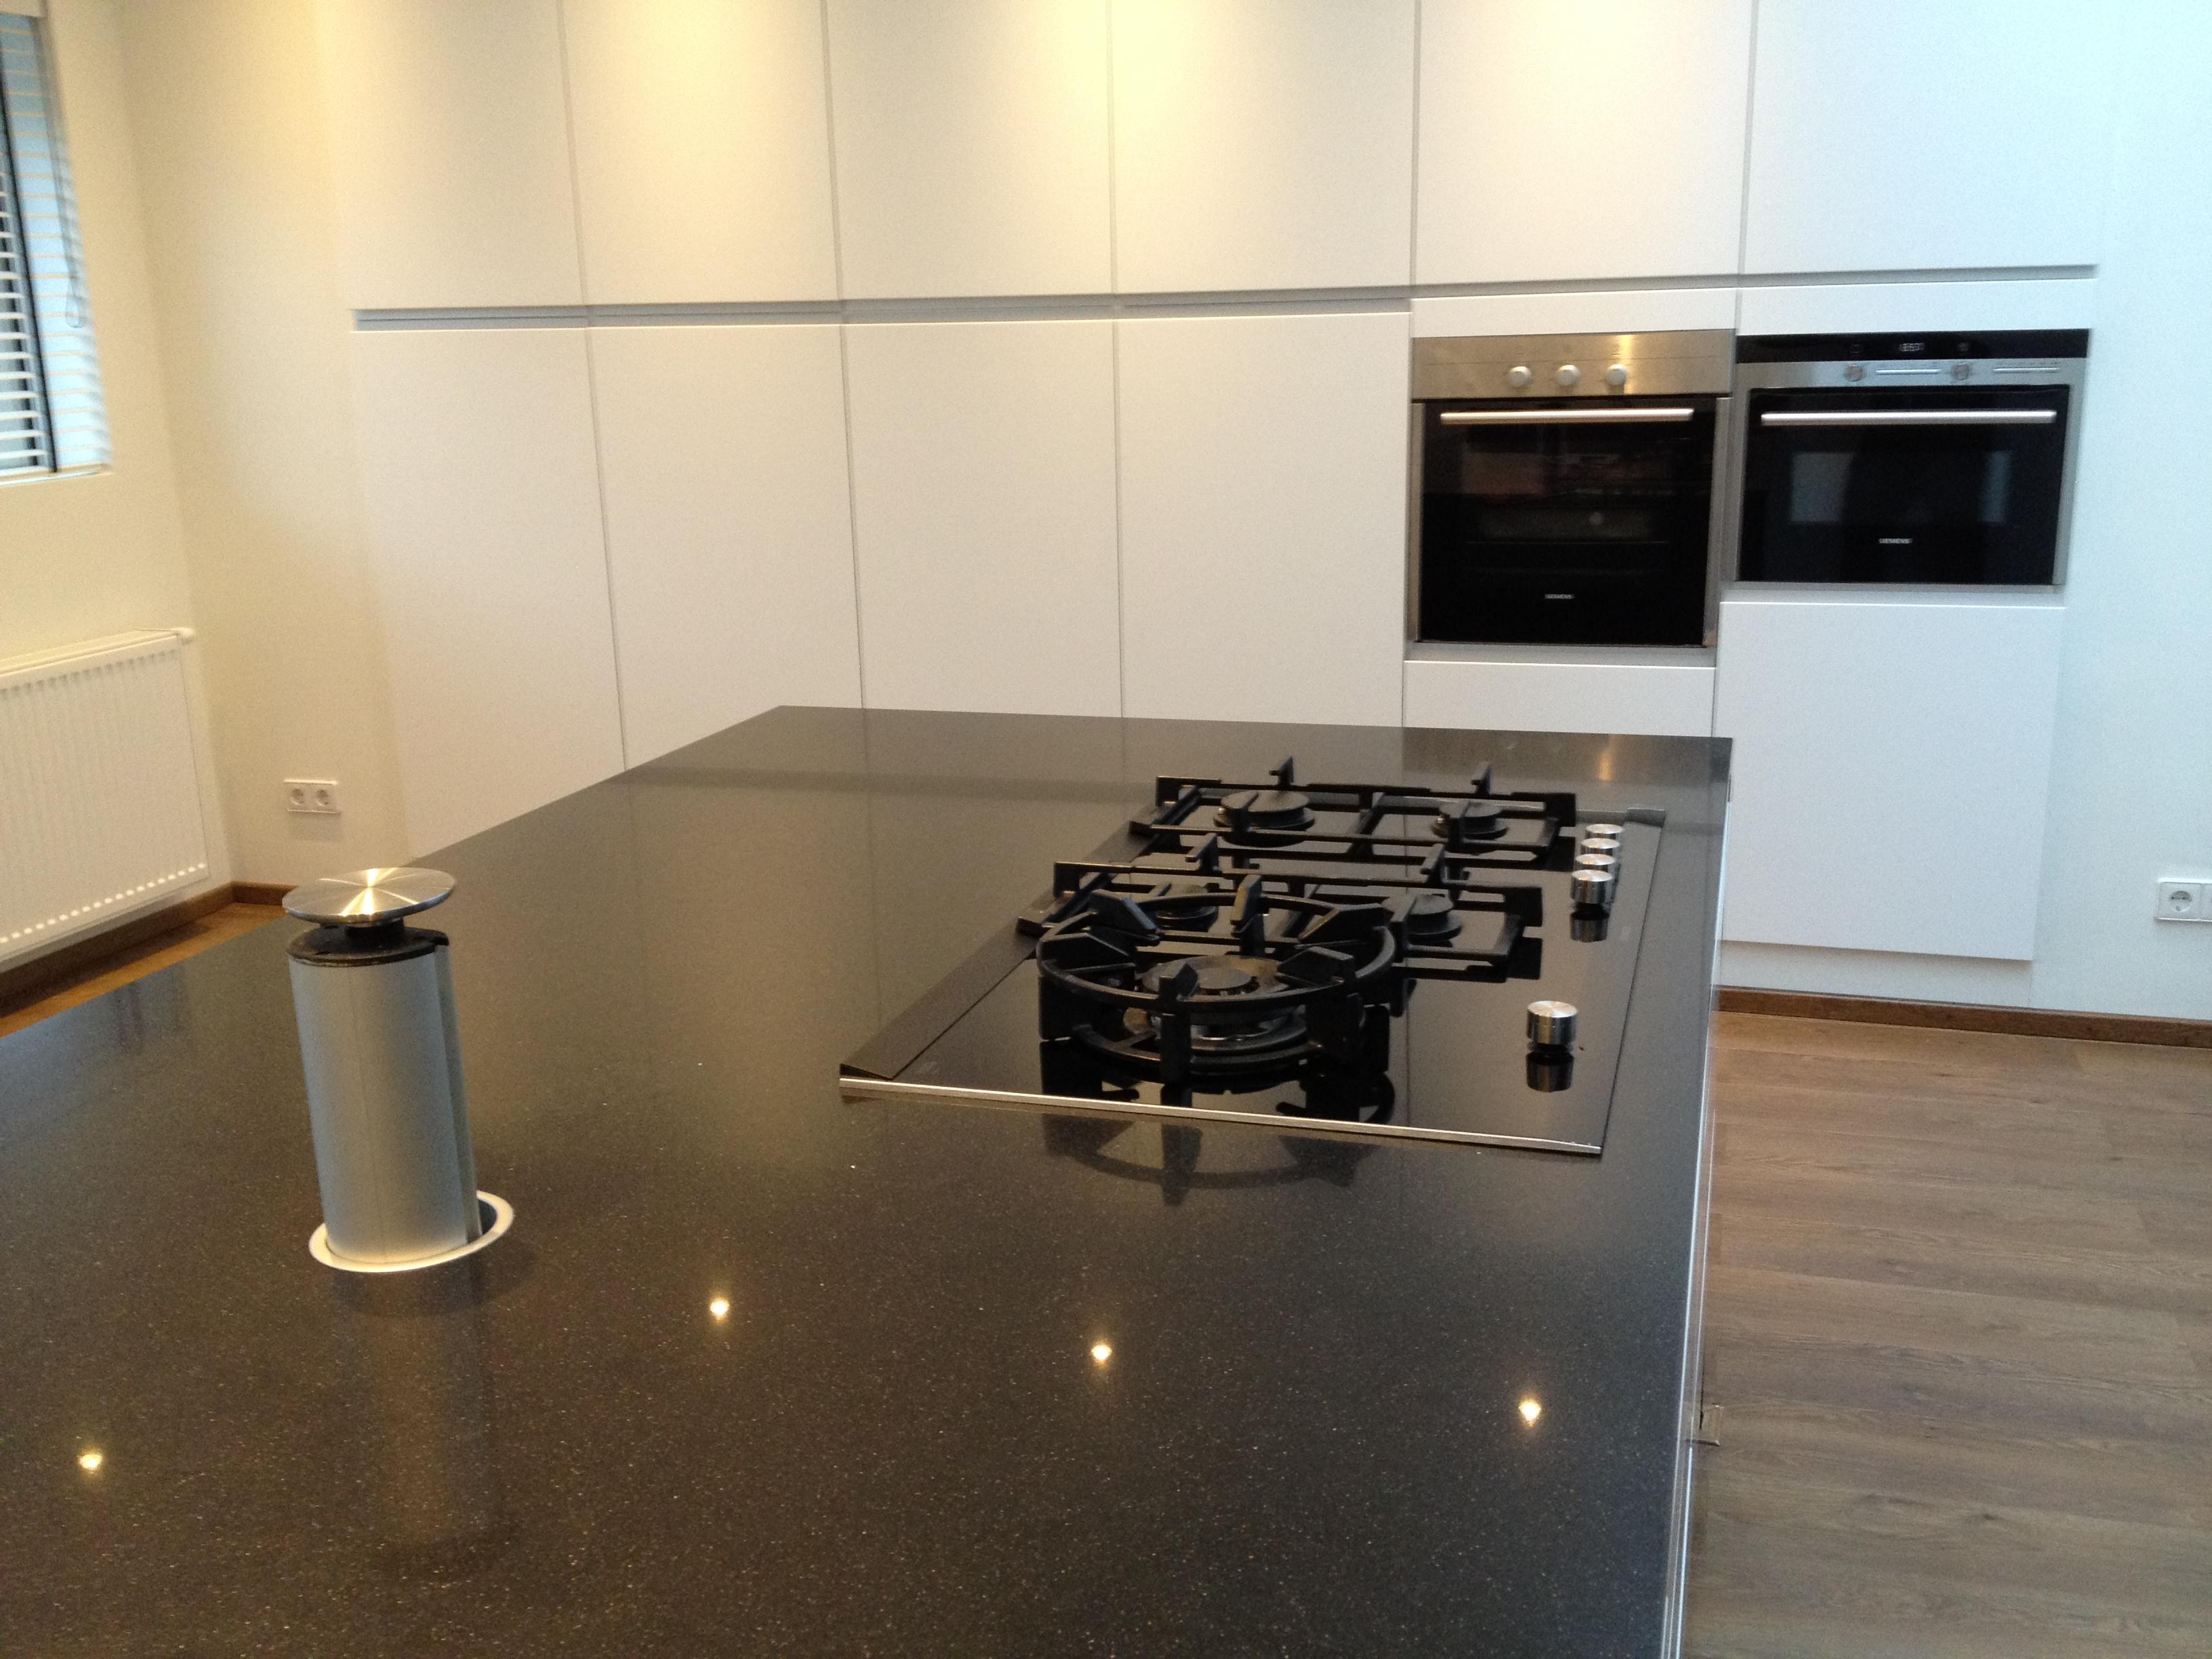 Keuken Ikea Kastenwand : Ikea keuken met ingebouwde kastenwand & siemens apparatuur info